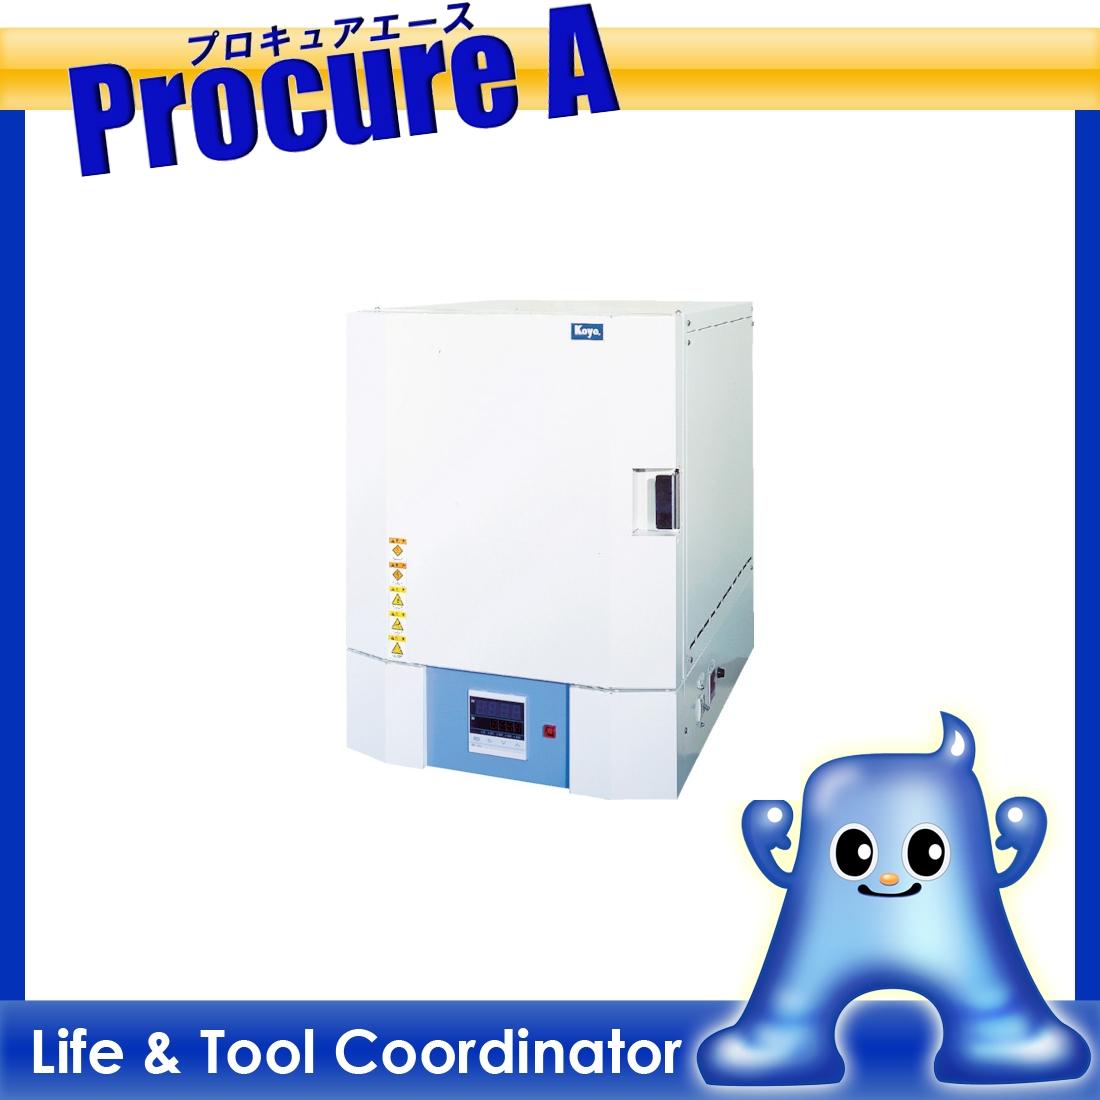 光洋 小型ボックス炉 1150℃シリーズ 温度調節計仕様 KBF794N1 ▼458-6638 光洋サーモシステム(株) 【代引決済不可】